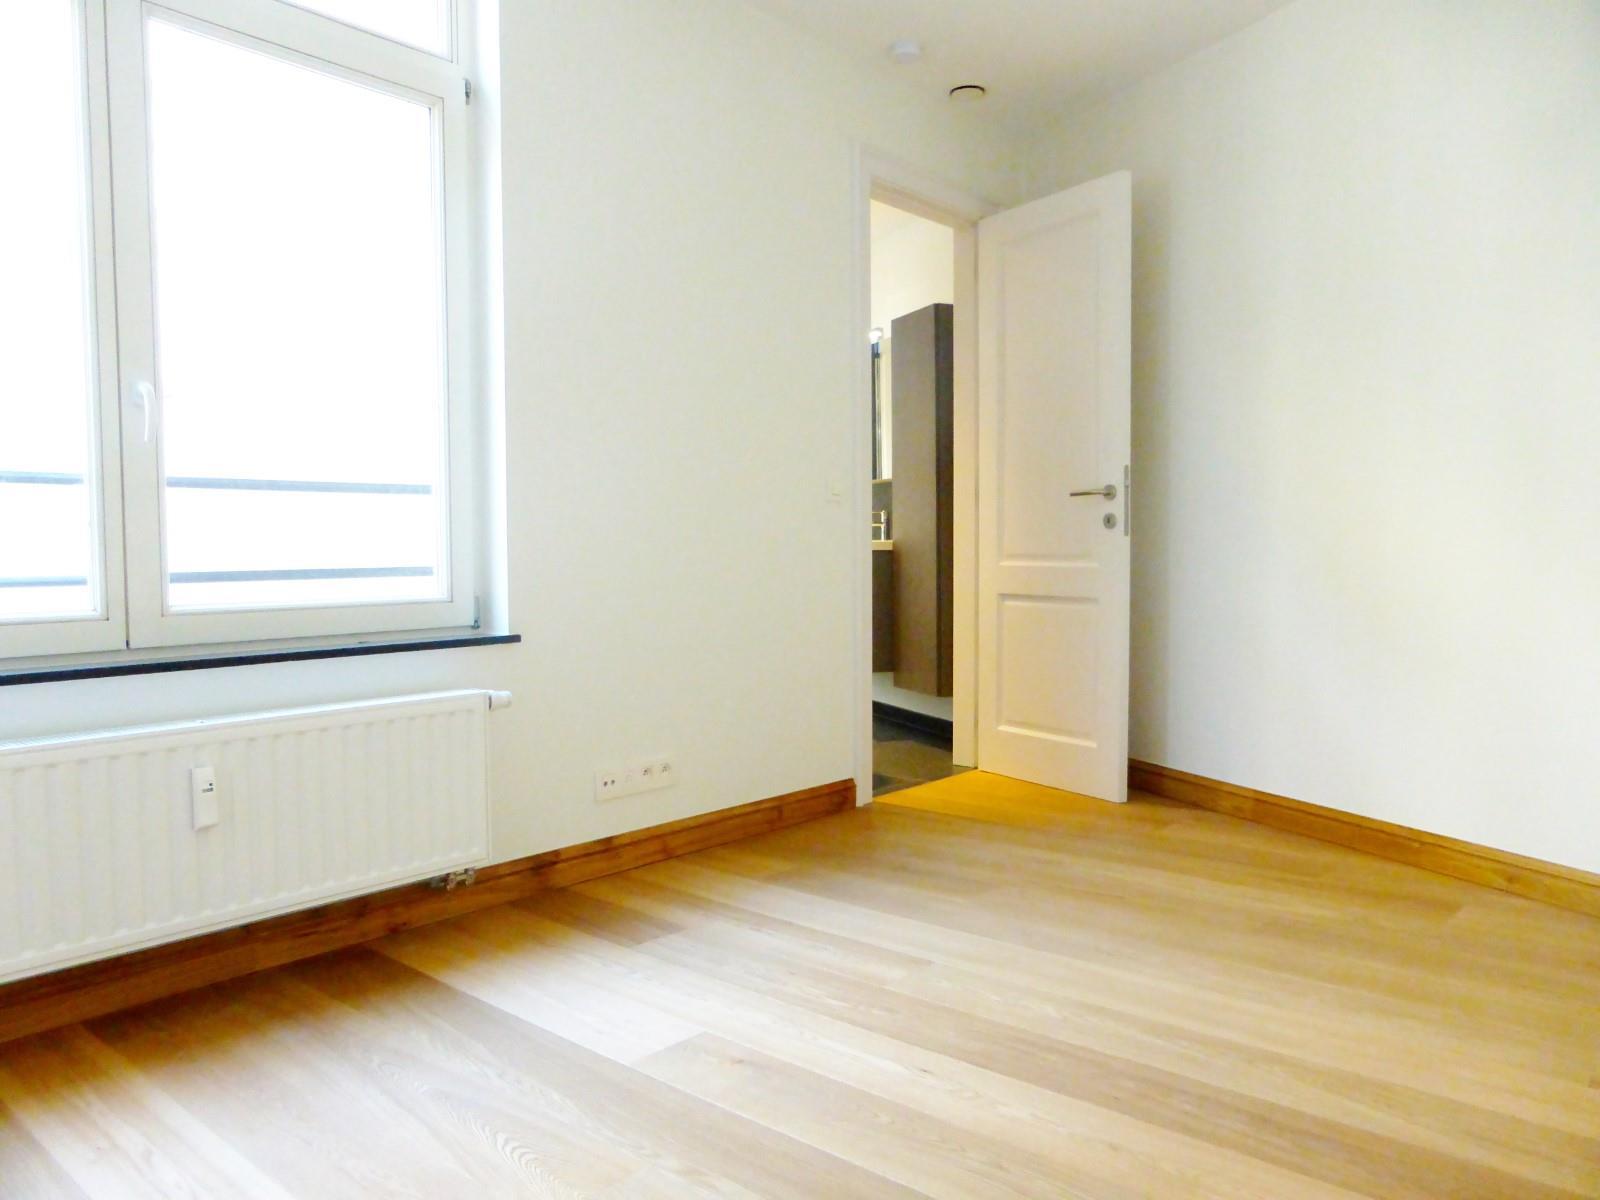 Appartement exceptionnel - Bruxelles - #4056384-34